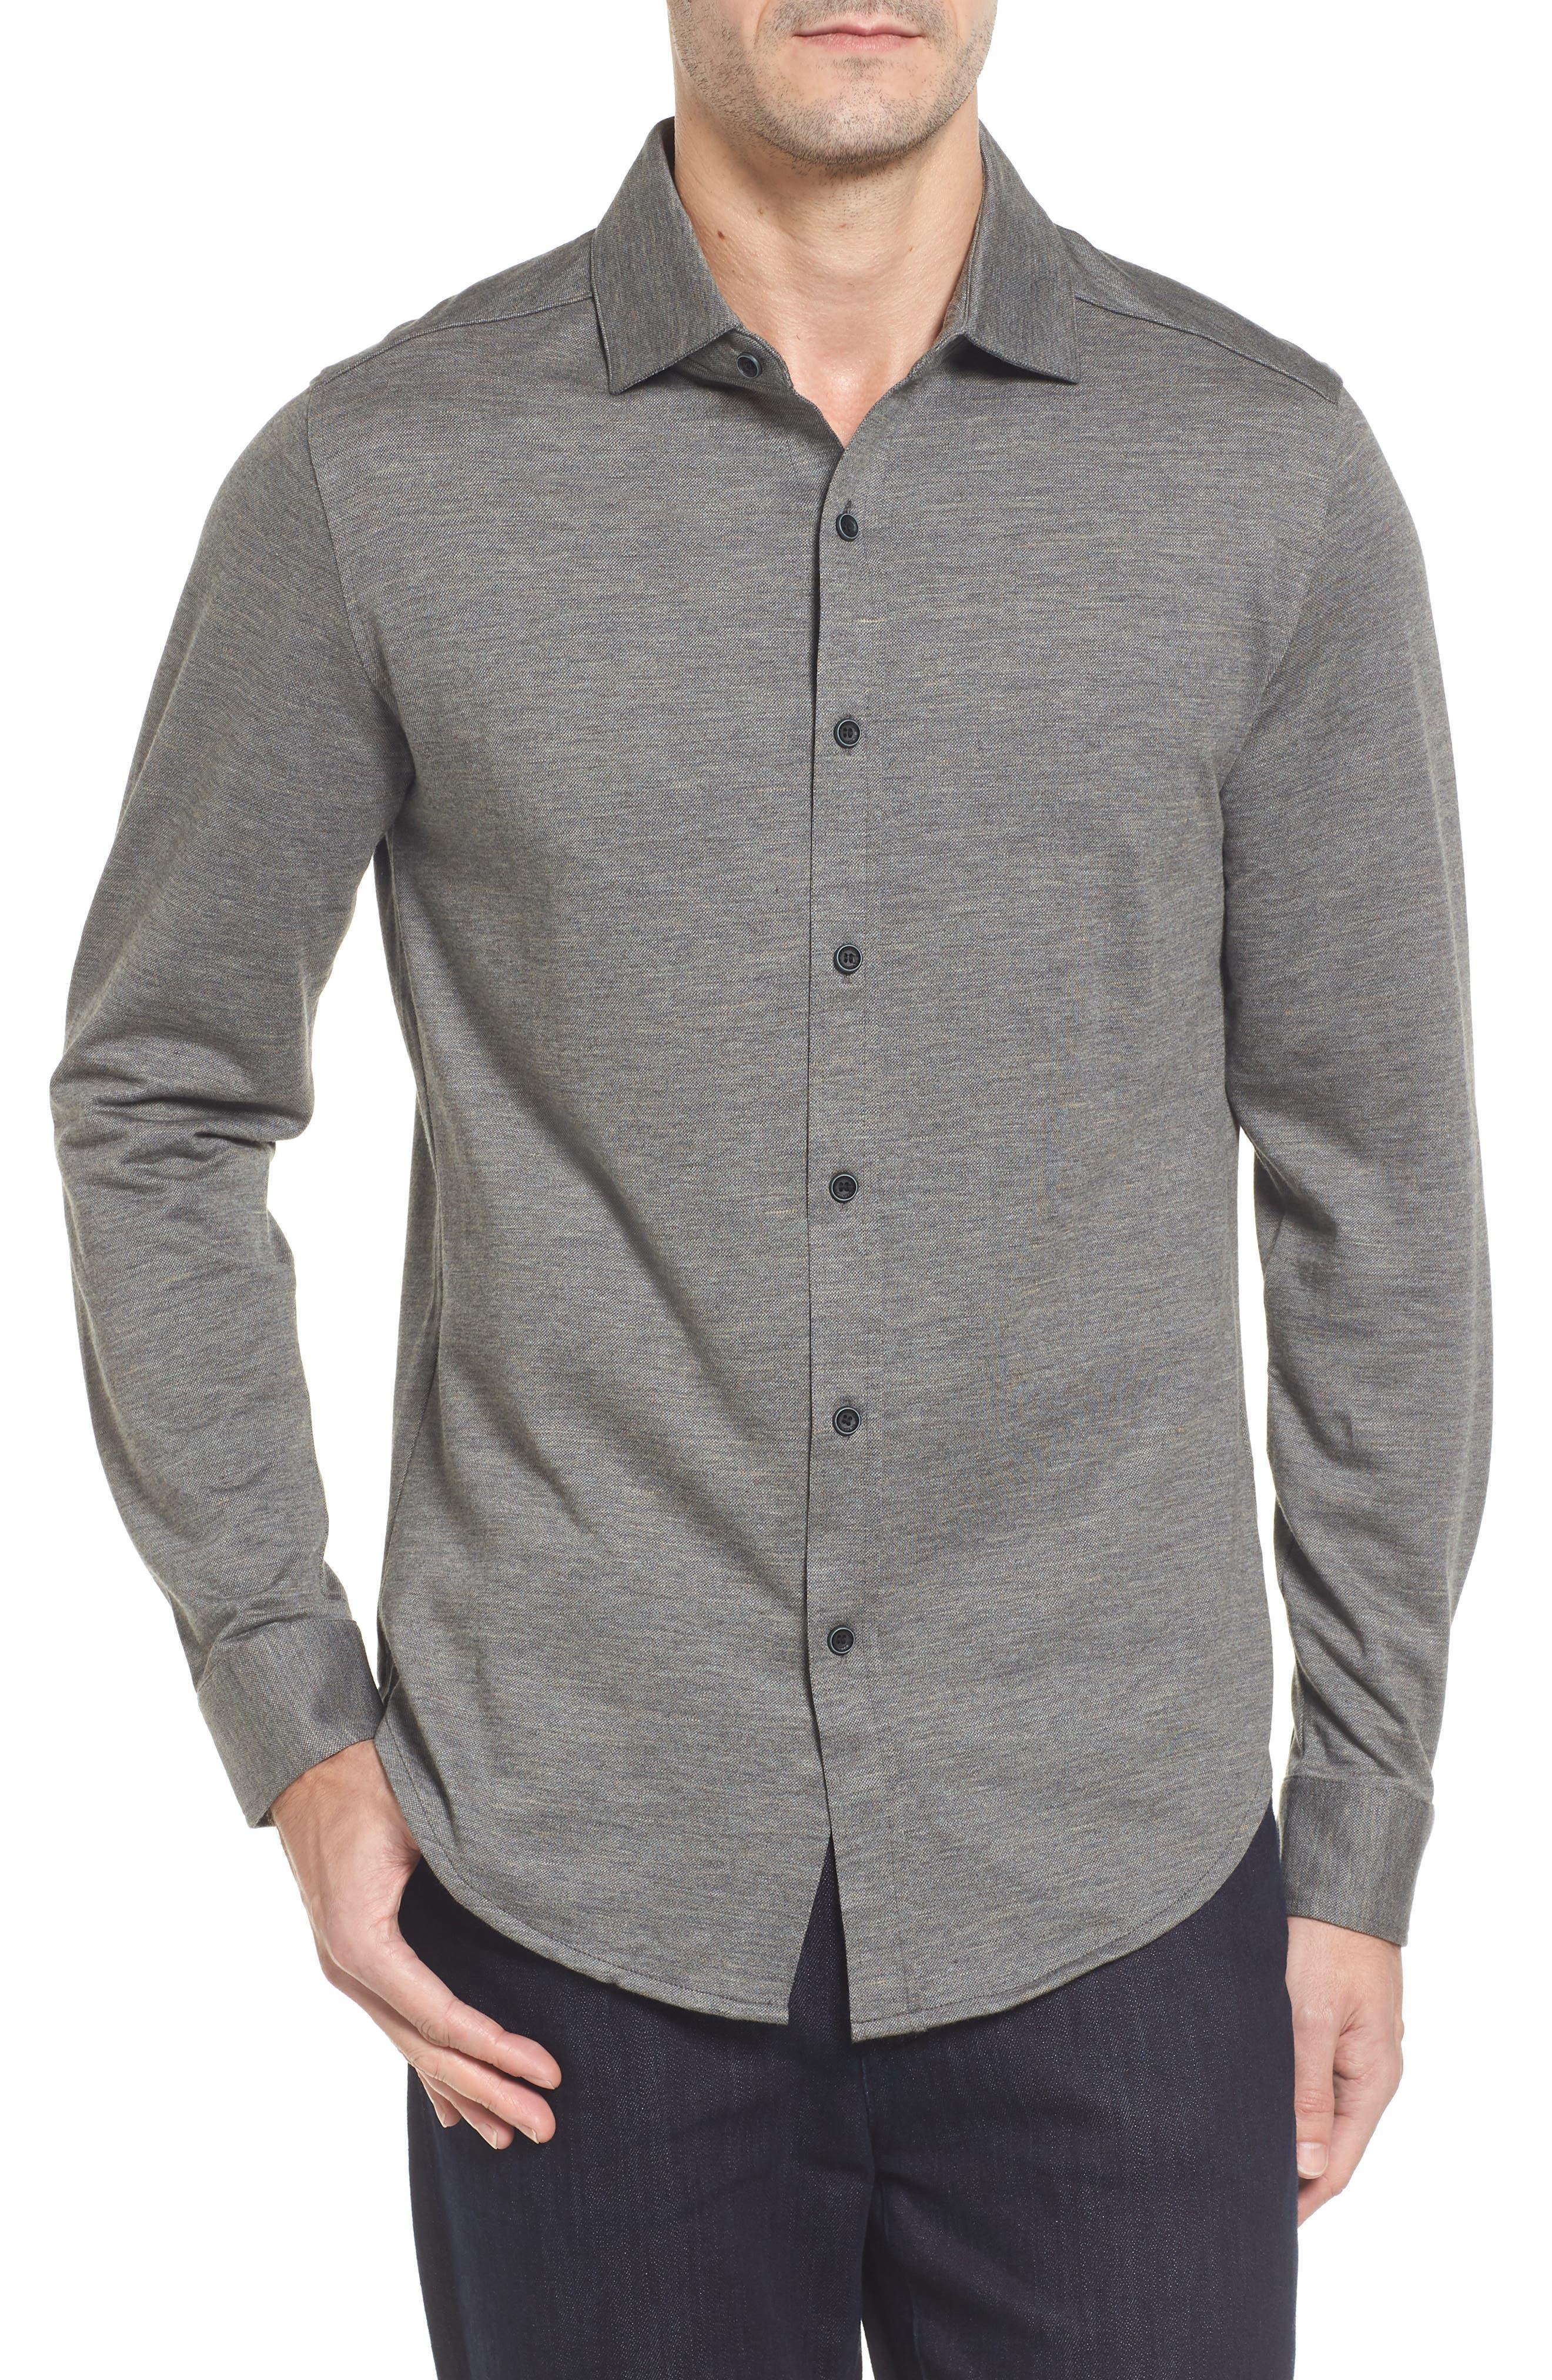 Regular Fit Piqué Knit Sport Shirt,                             Main thumbnail 1, color,                             Graphite